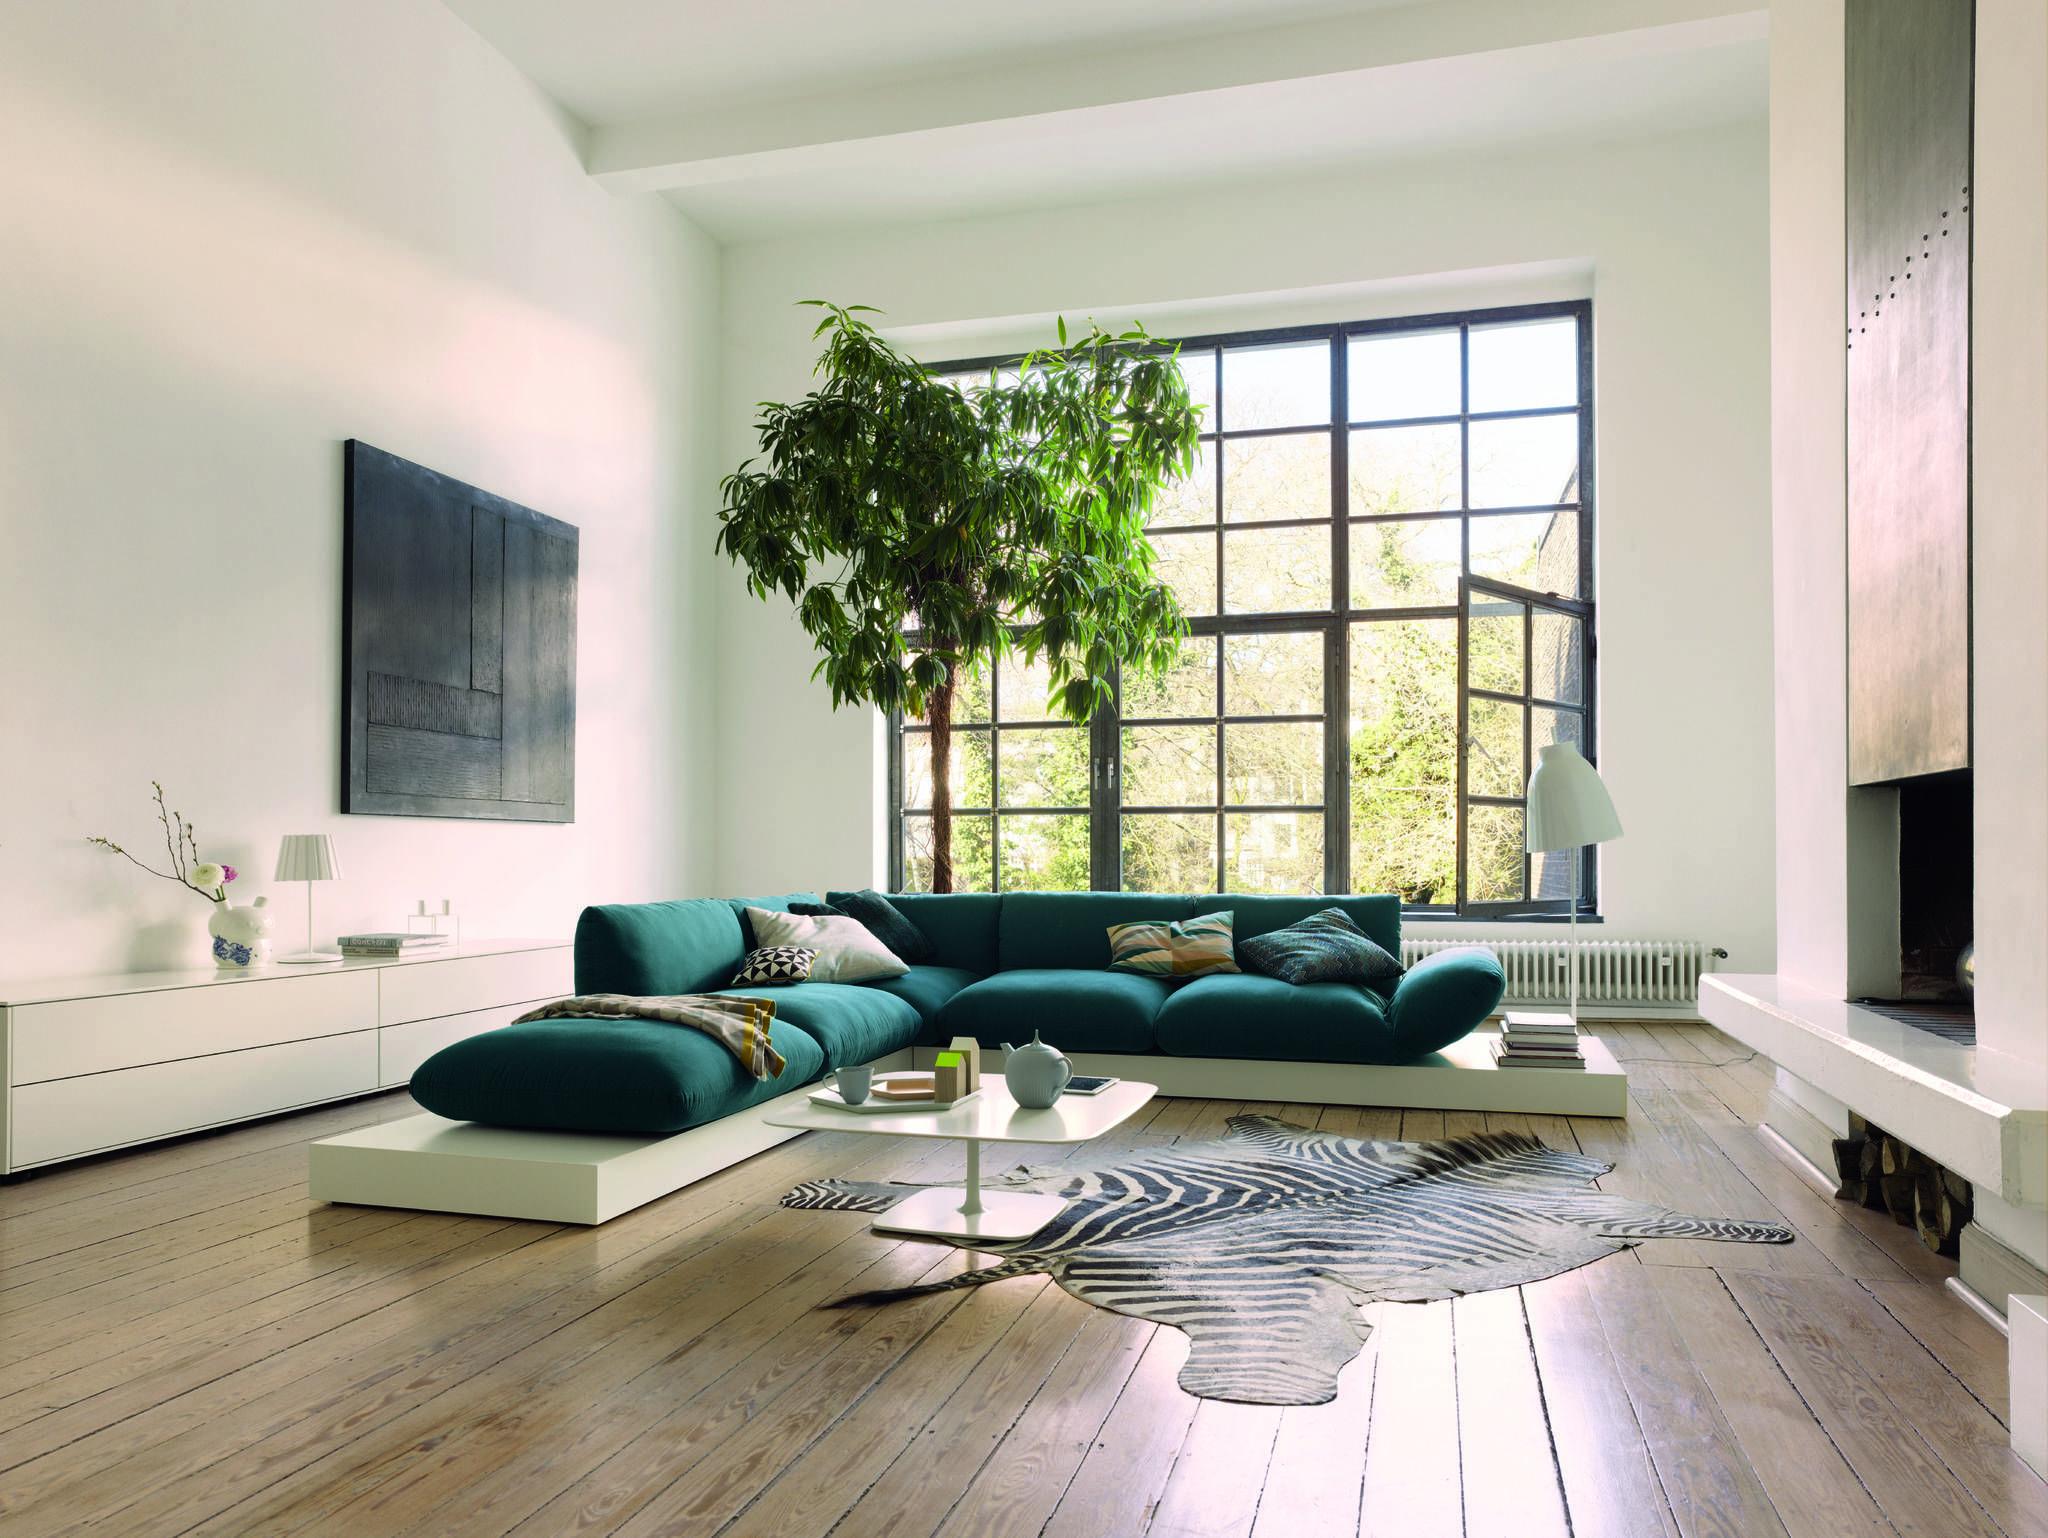 Beeindruckend Wohnzimmer Bilder Modern Das Beste Von Cor Sitzmöbel : Moderne Von Cor Sitzmöbel